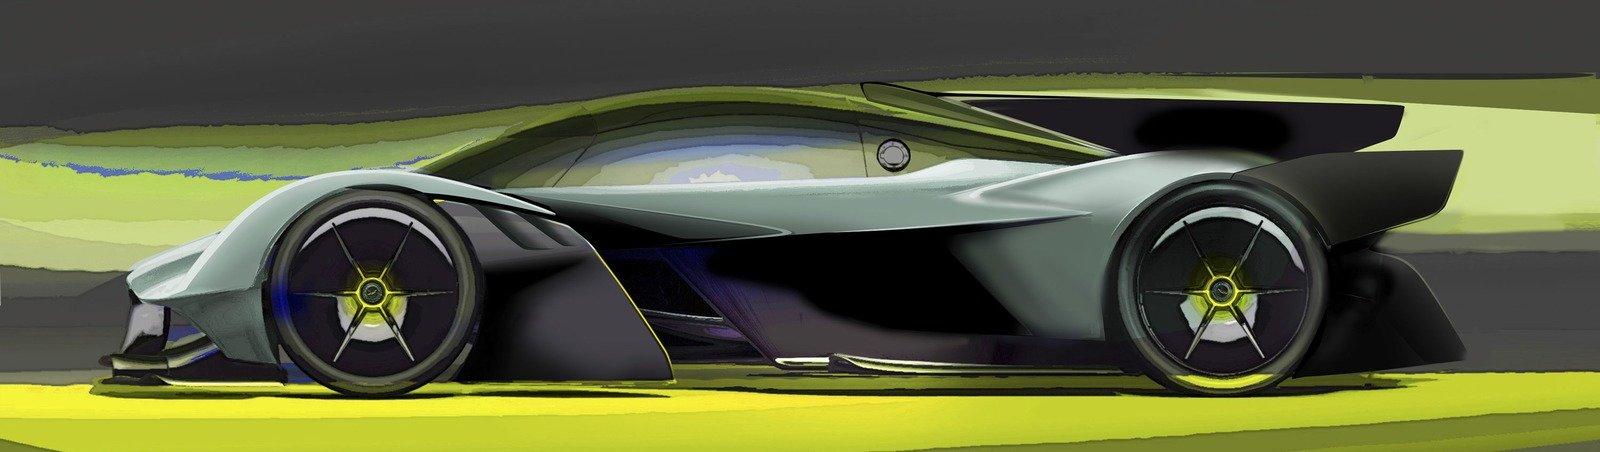 2019 Aston Martin Valkyrie AMR PRO1